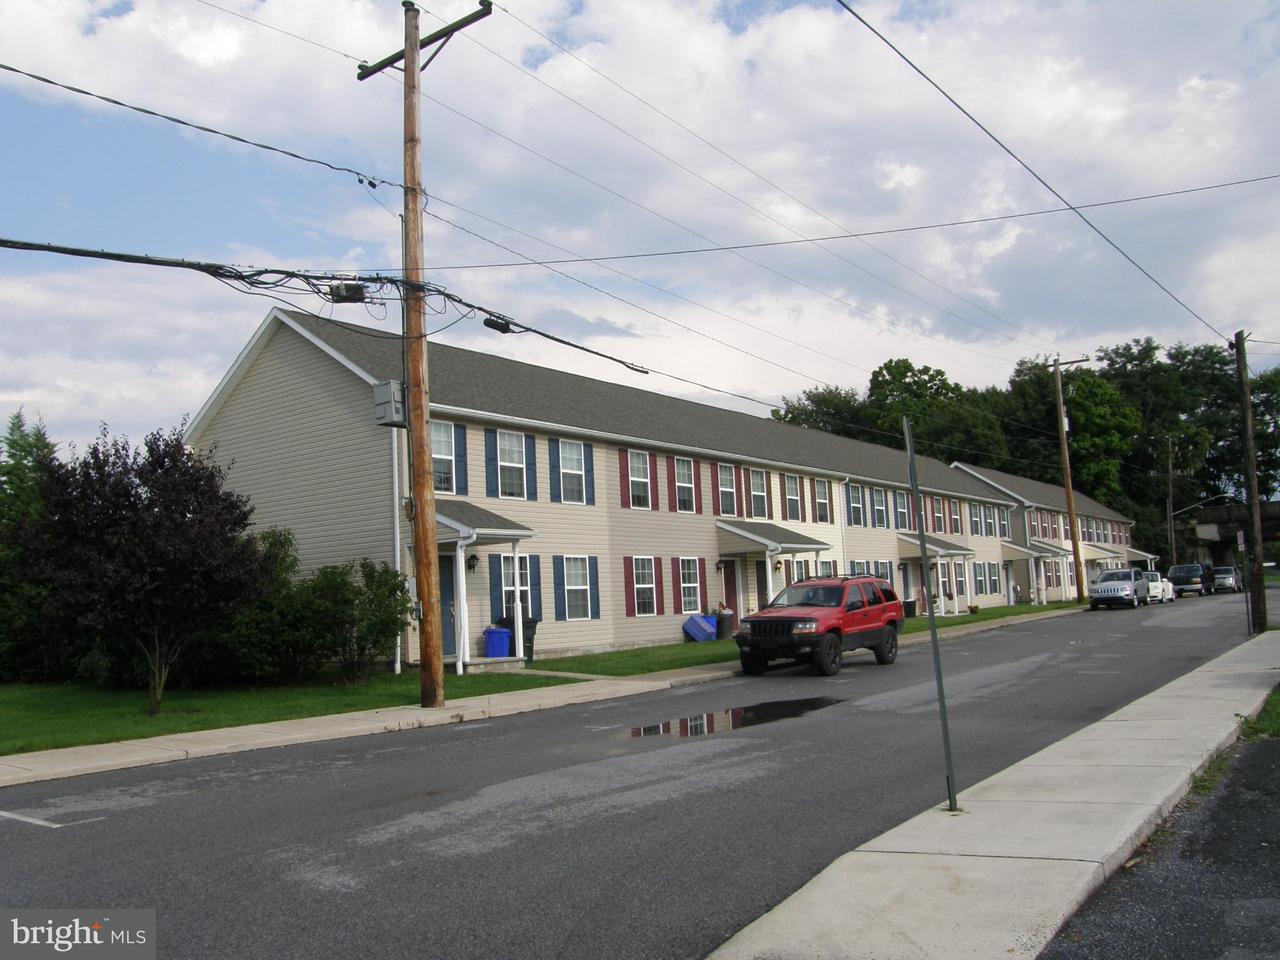 Casa multifamiliare per Vendita alle ore 121-147 SENECA - EARL ST S 121-147 SENECA - EARL ST S Shippensburg, Pensilvania 17257 Stati Uniti